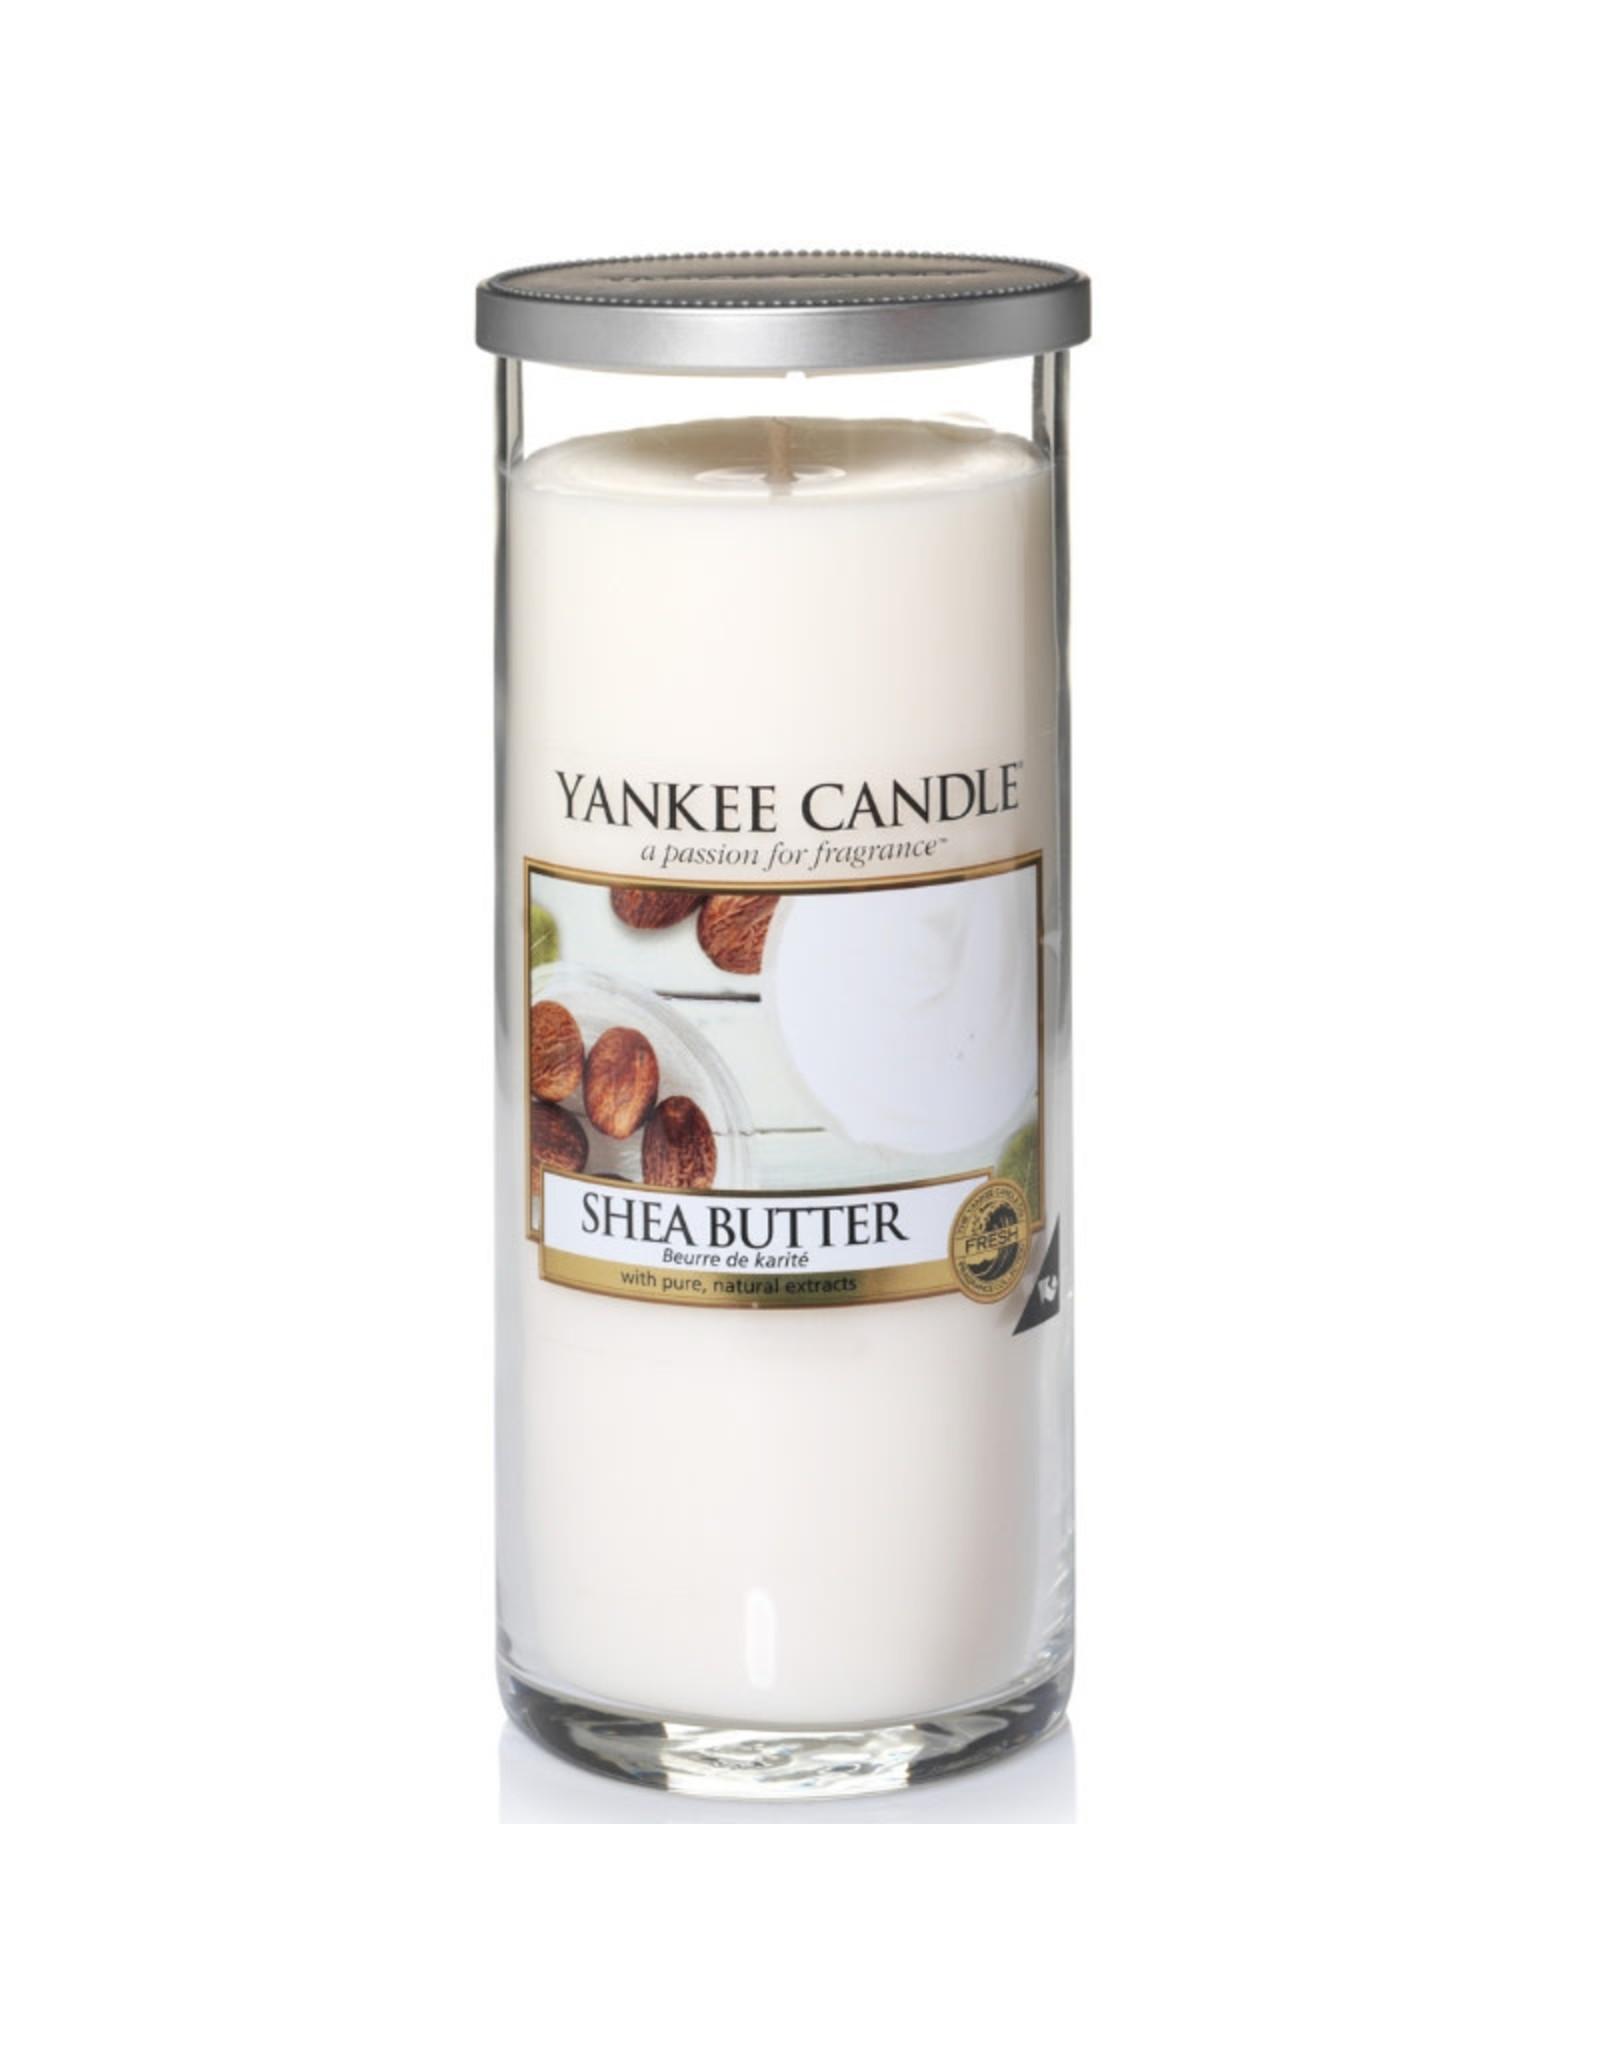 Yankee Candle Shea Butter Large Pillar